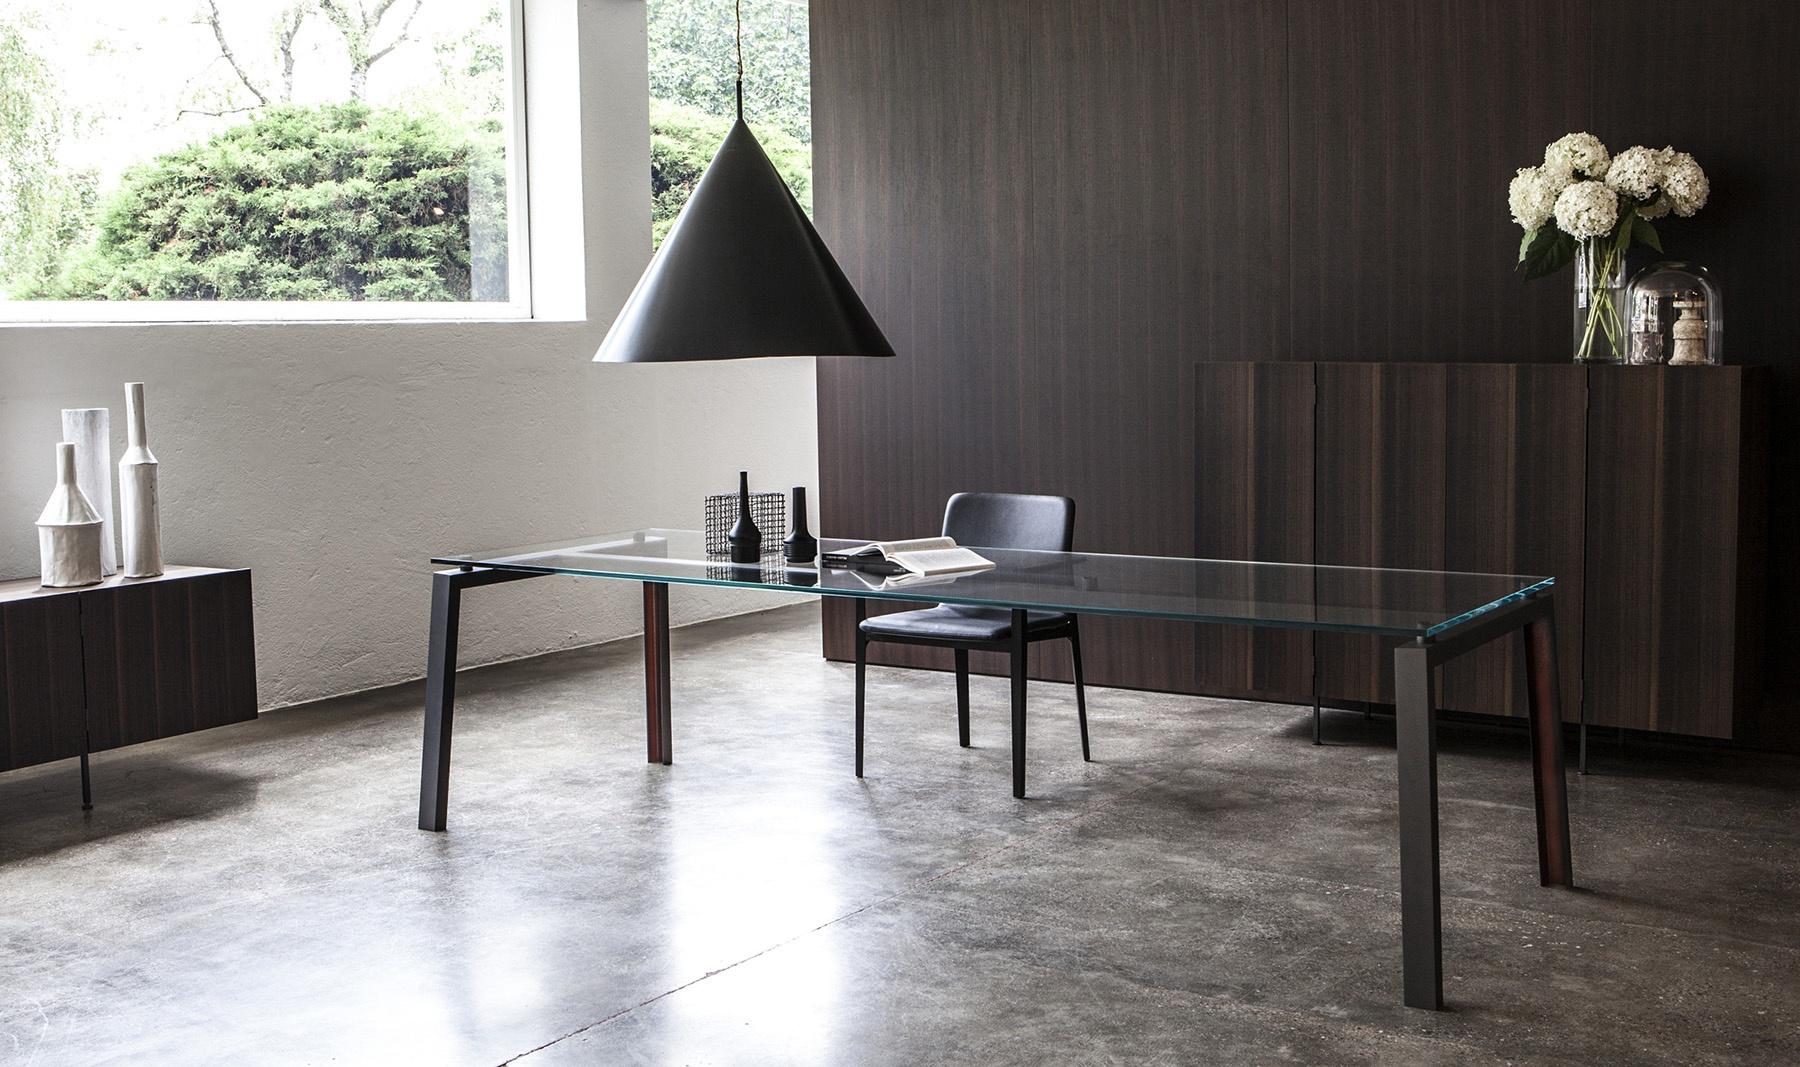 Porro, Image:news_immagini   Porro Spa   New Ipe Table By Piero Lissoni